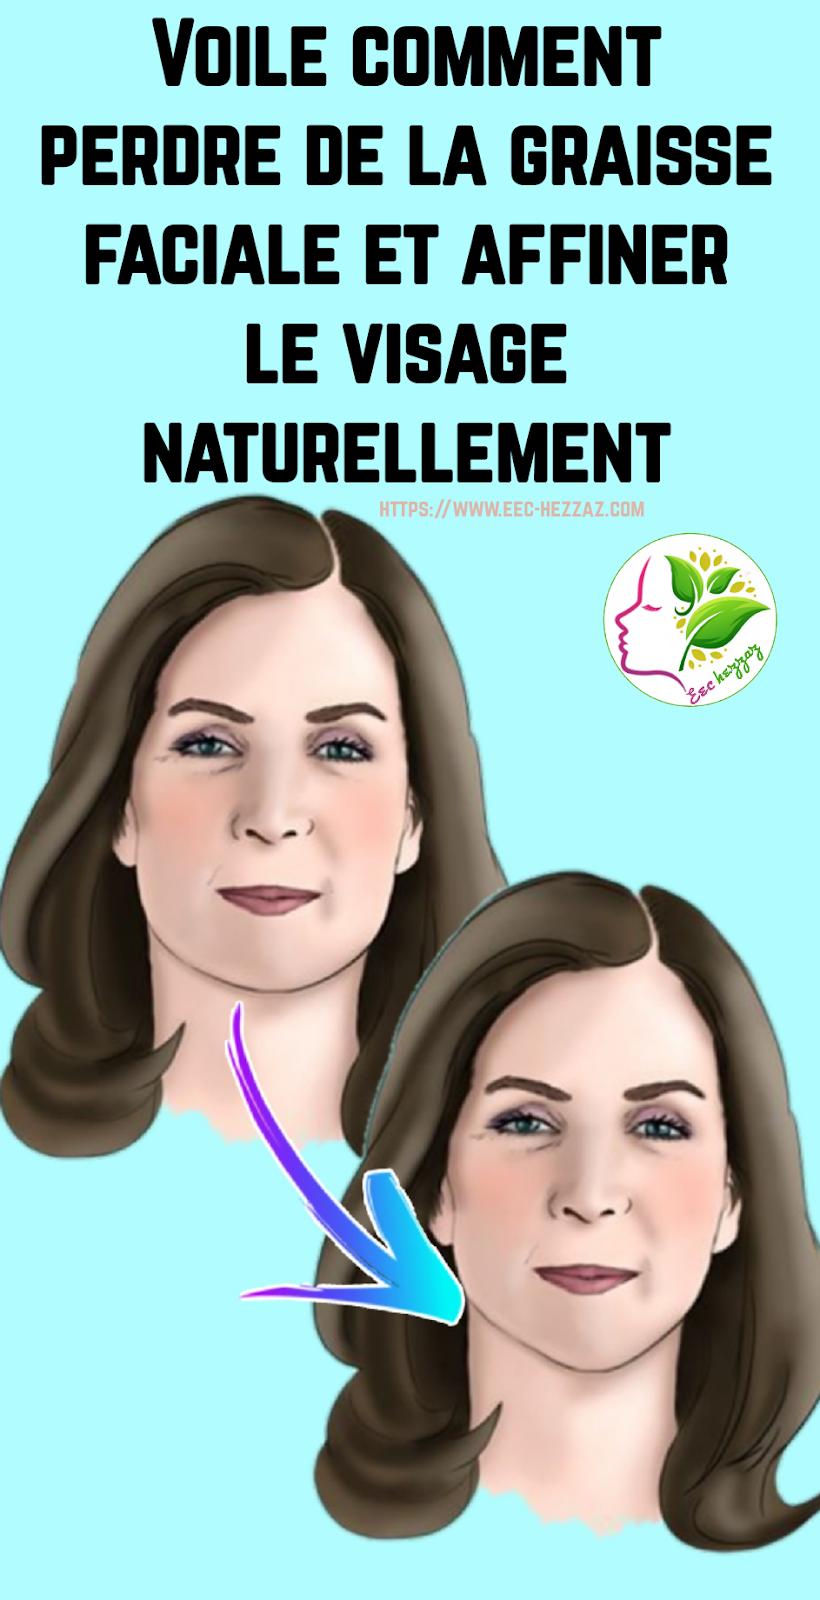 Voile comment perdre de la graisse faciale et affiner le visage naturellement